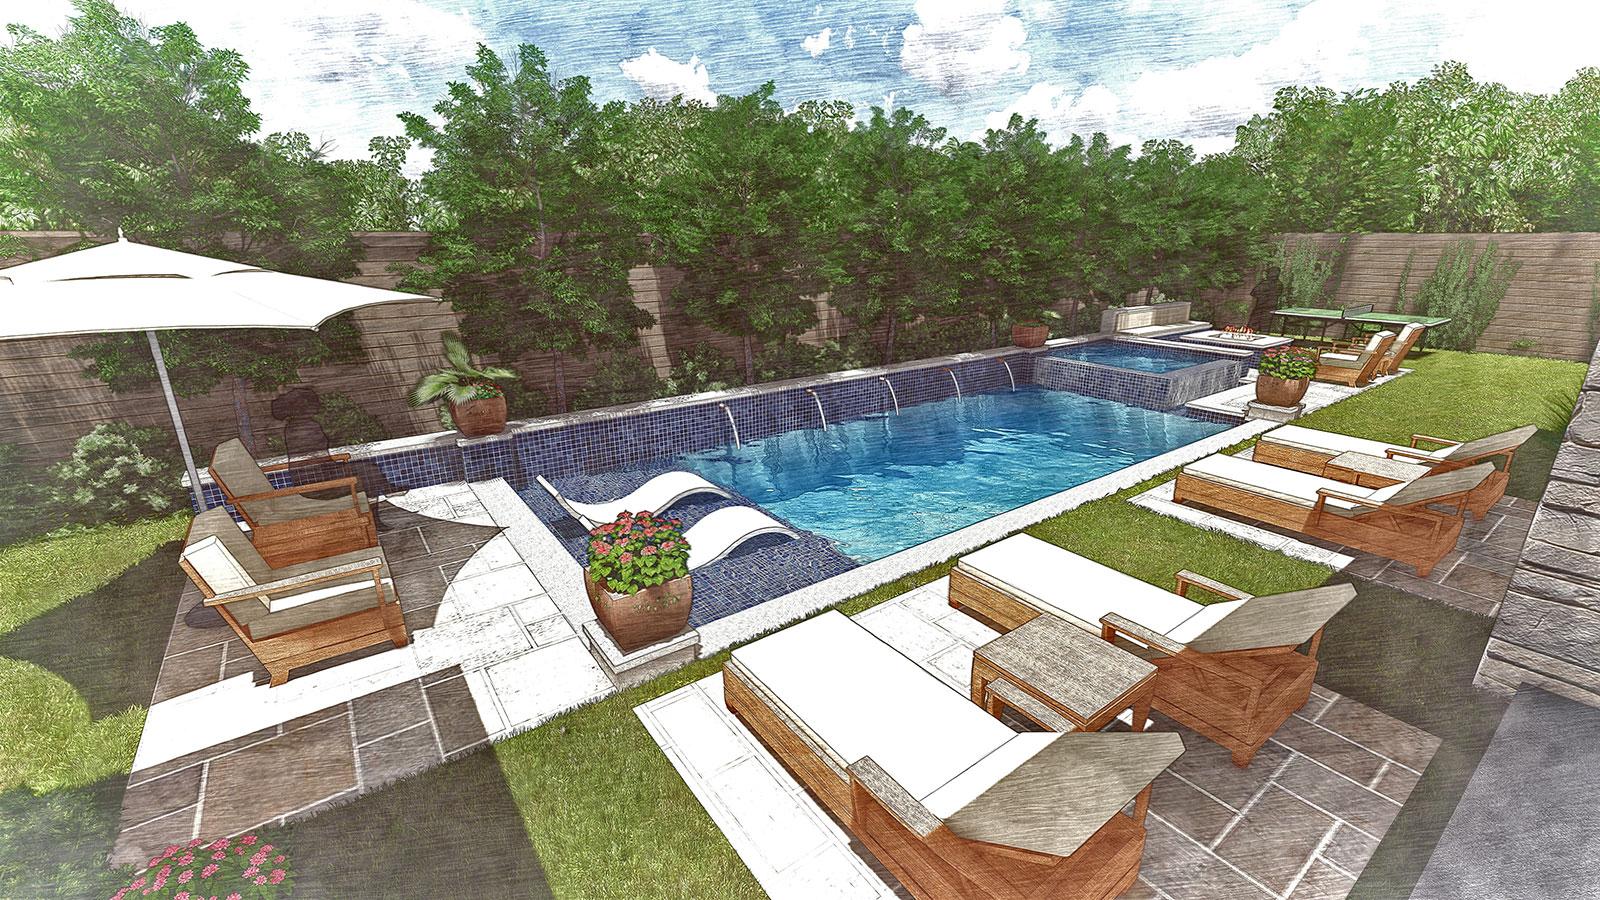 ddla-design_lupton-pool-rendering.jpg